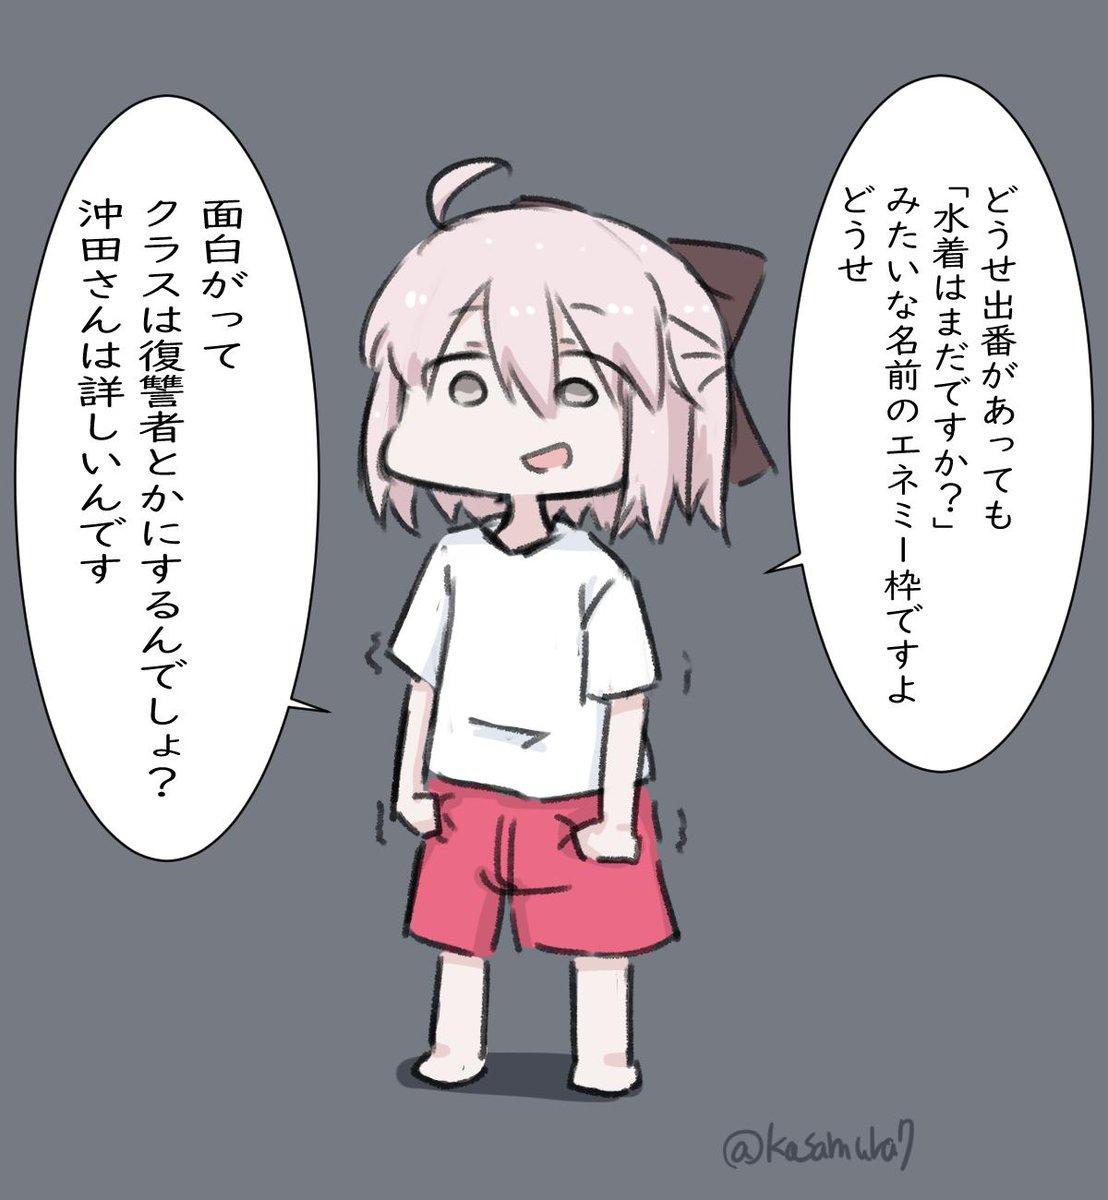 疑心暗鬼を極めた沖田さん#FGO